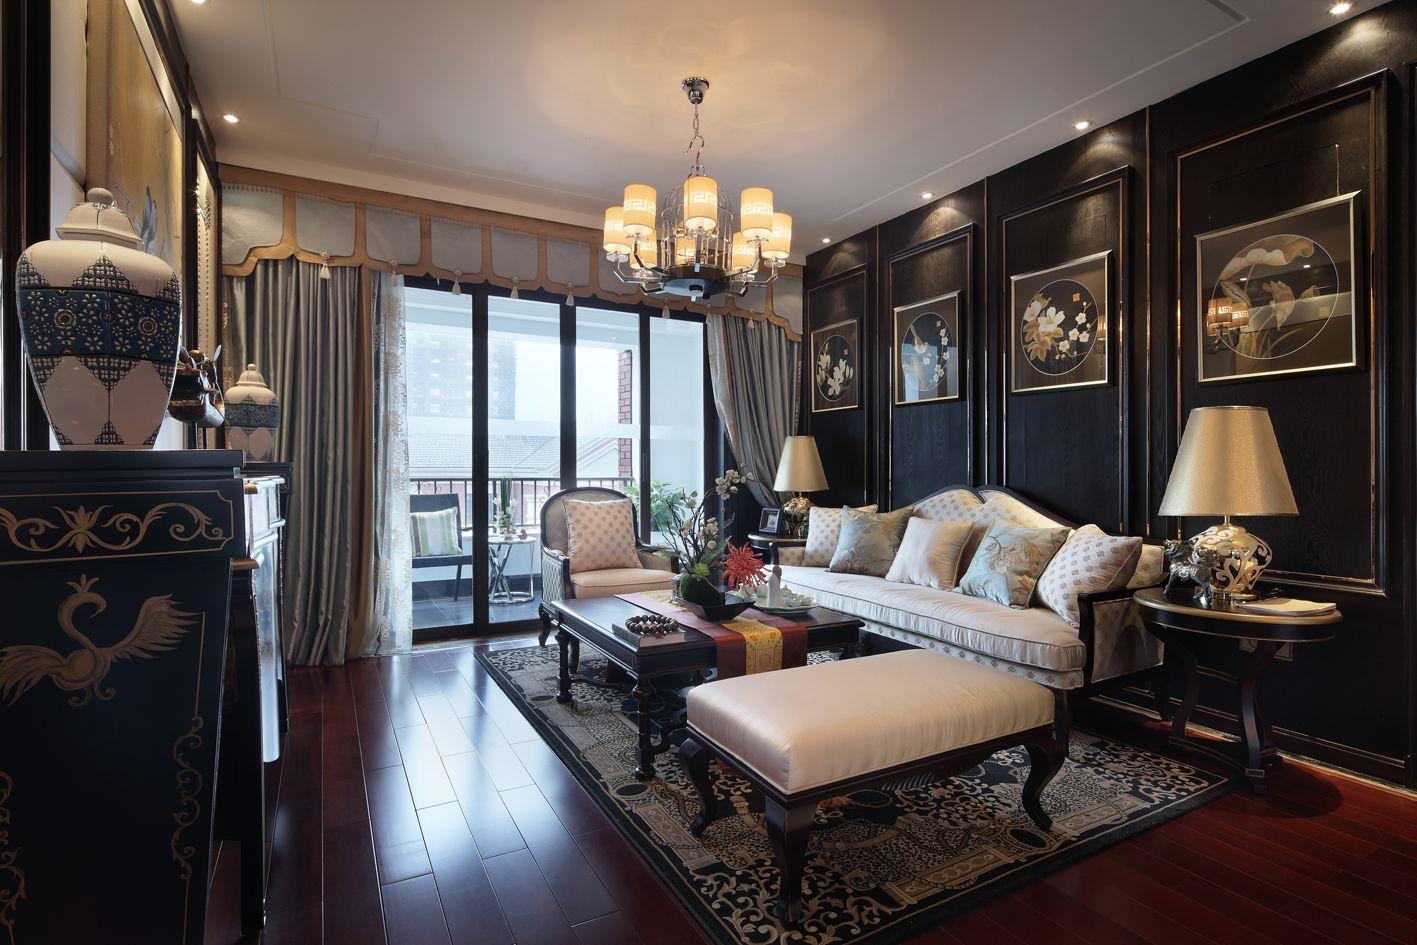 沙发背景墙用画框装饰,古典韵味十足,阳台与客厅通过玻璃门隔开,组成两个独立的空间。